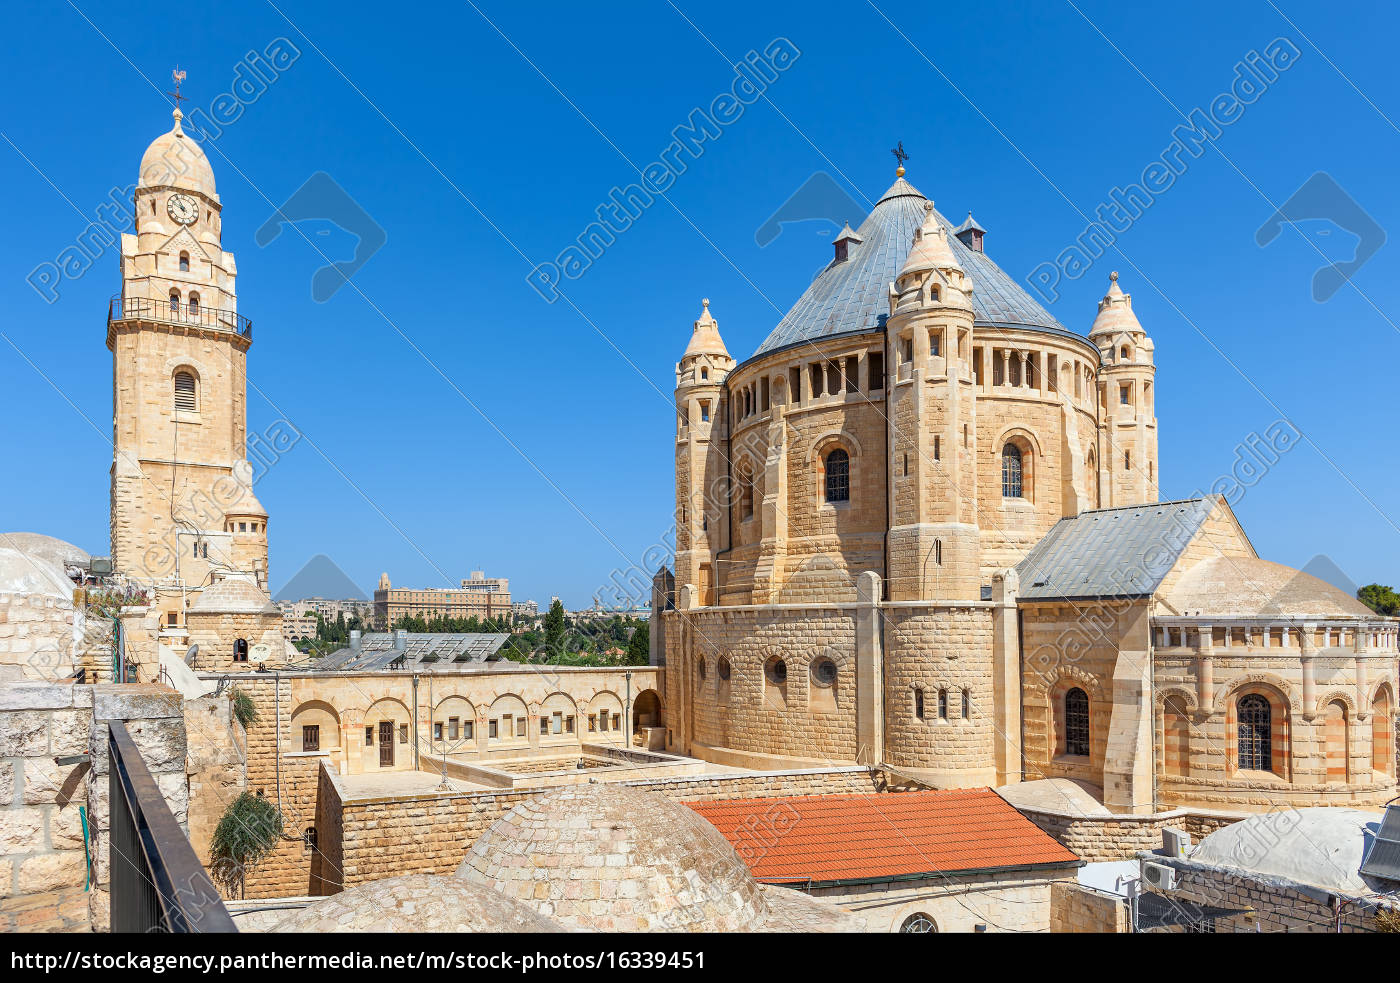 church, of, dormition, in, jerusalem. - 16339451